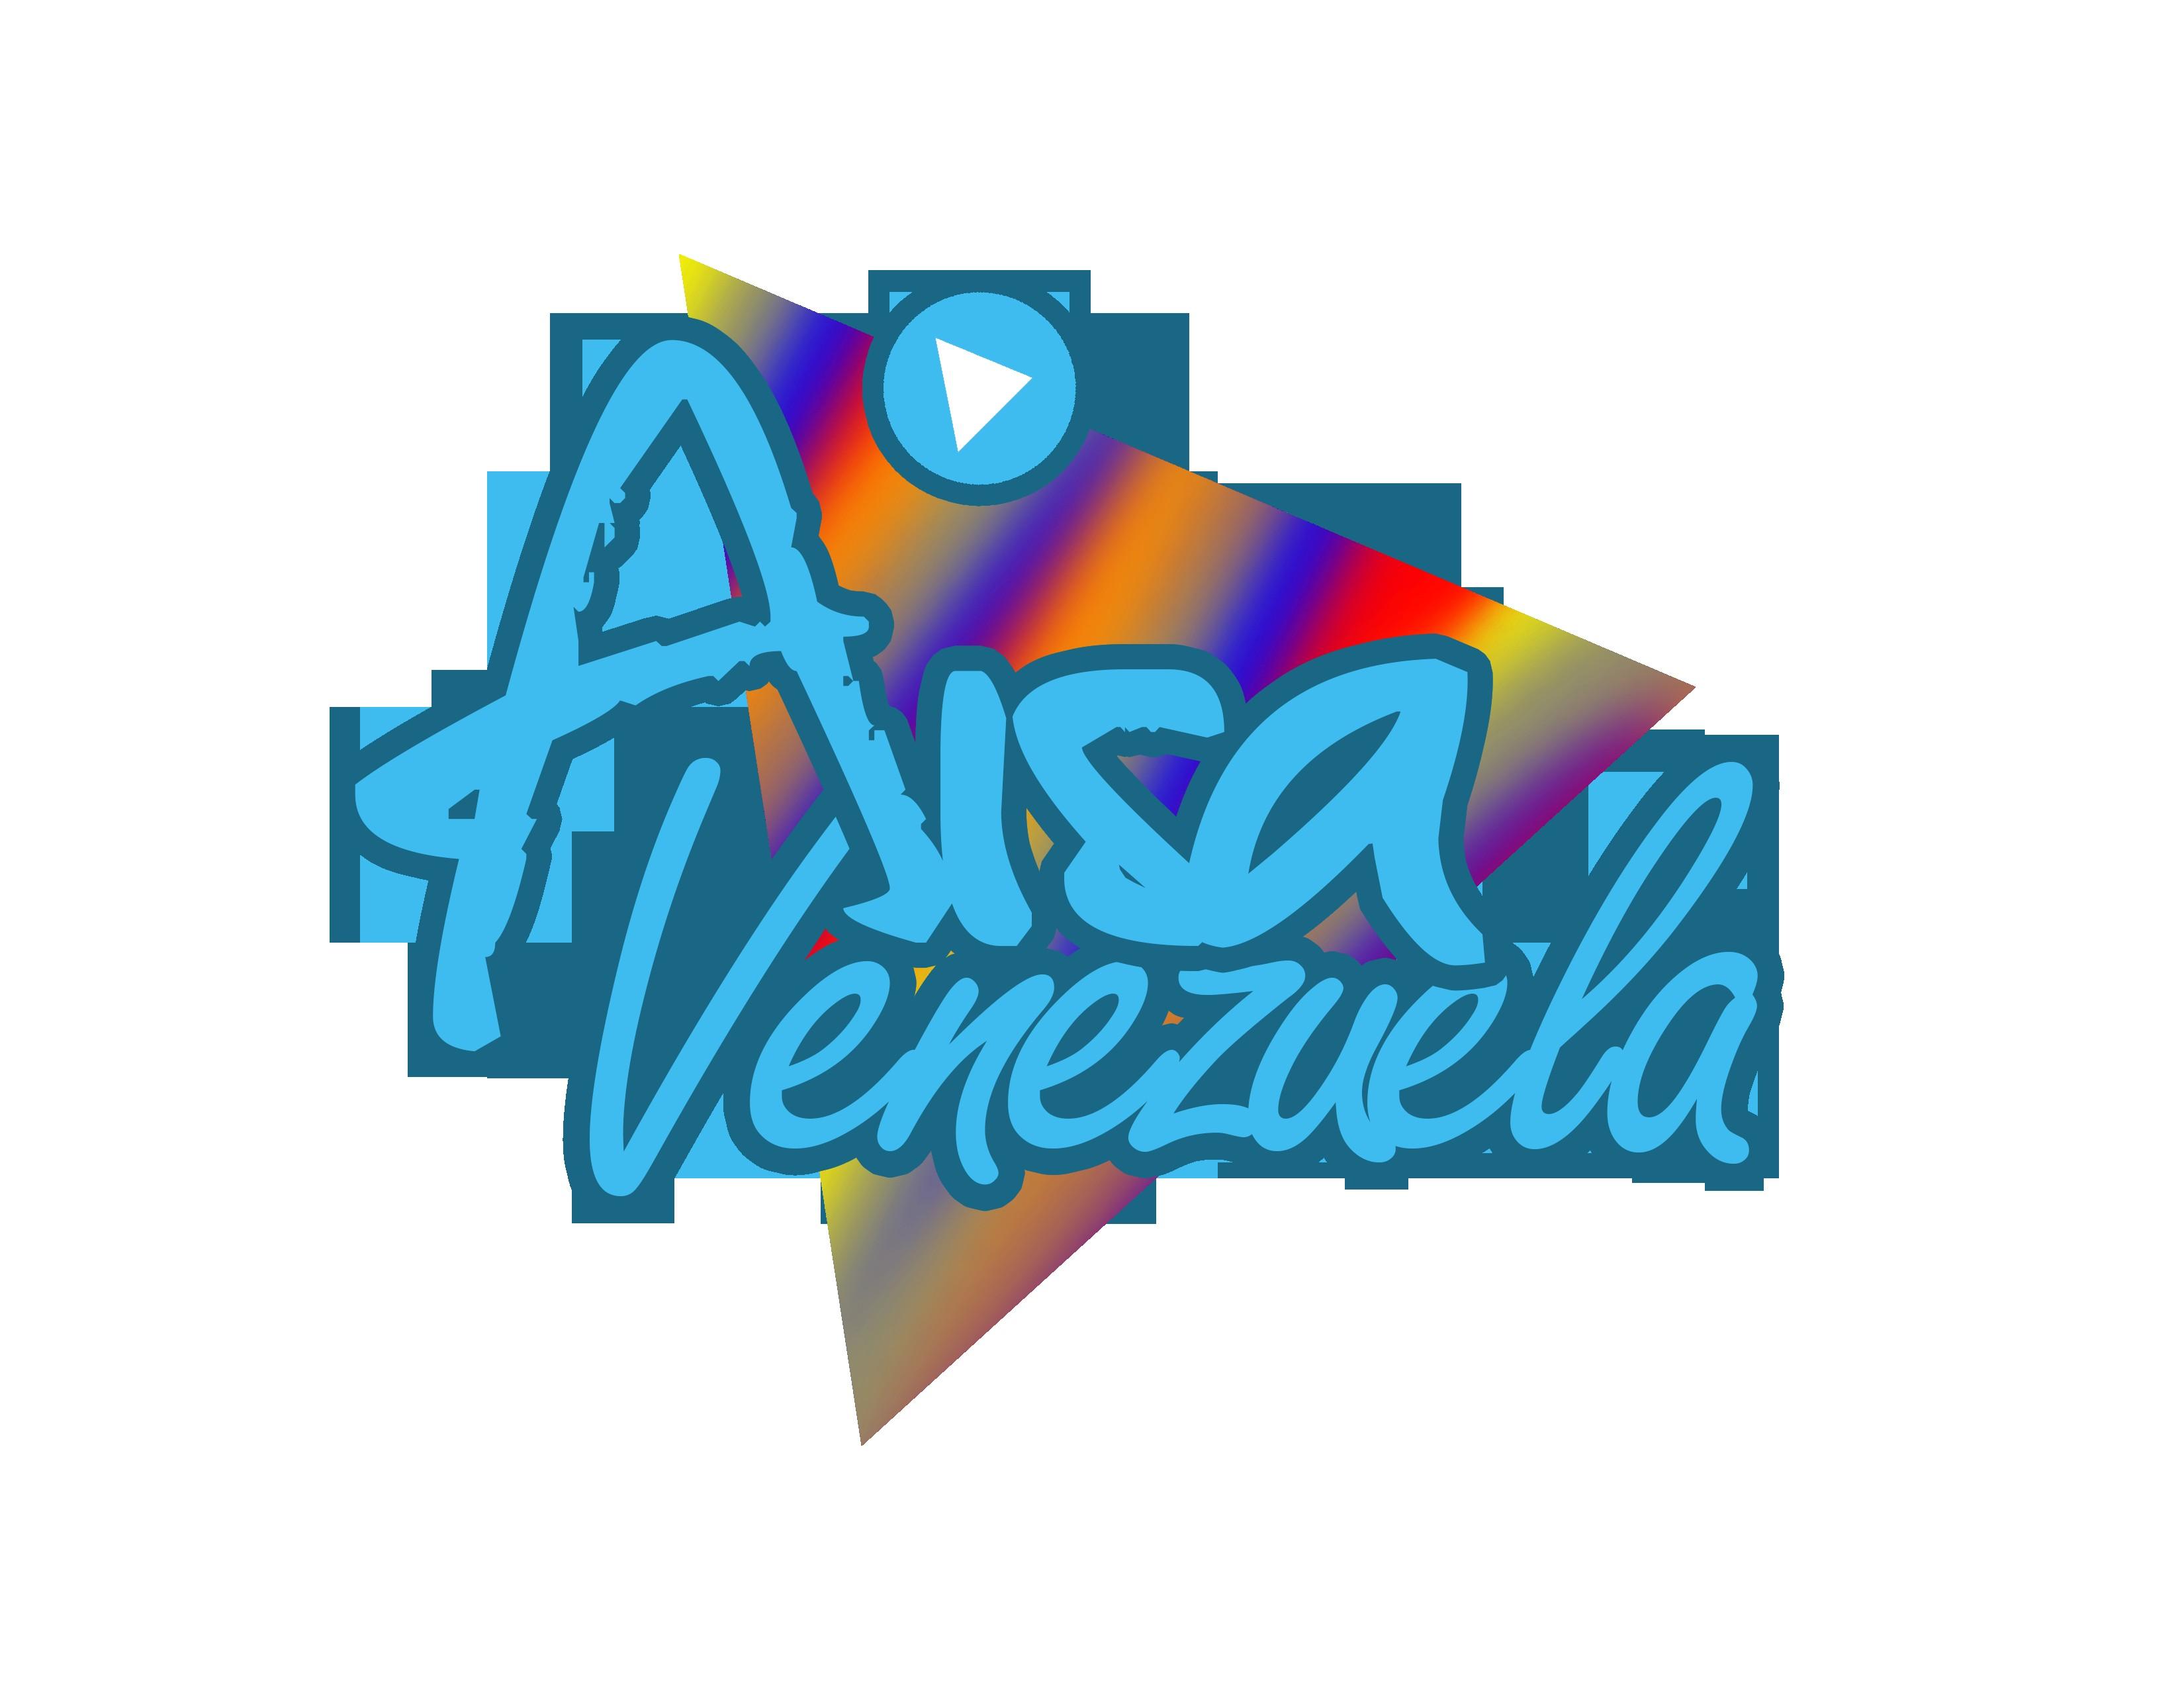 Hoy amigas y amigos nuevamente por este medio yo soy AisaVenezuela una youtuber valenciana venezolana que posee un canal de youtube con un contenido